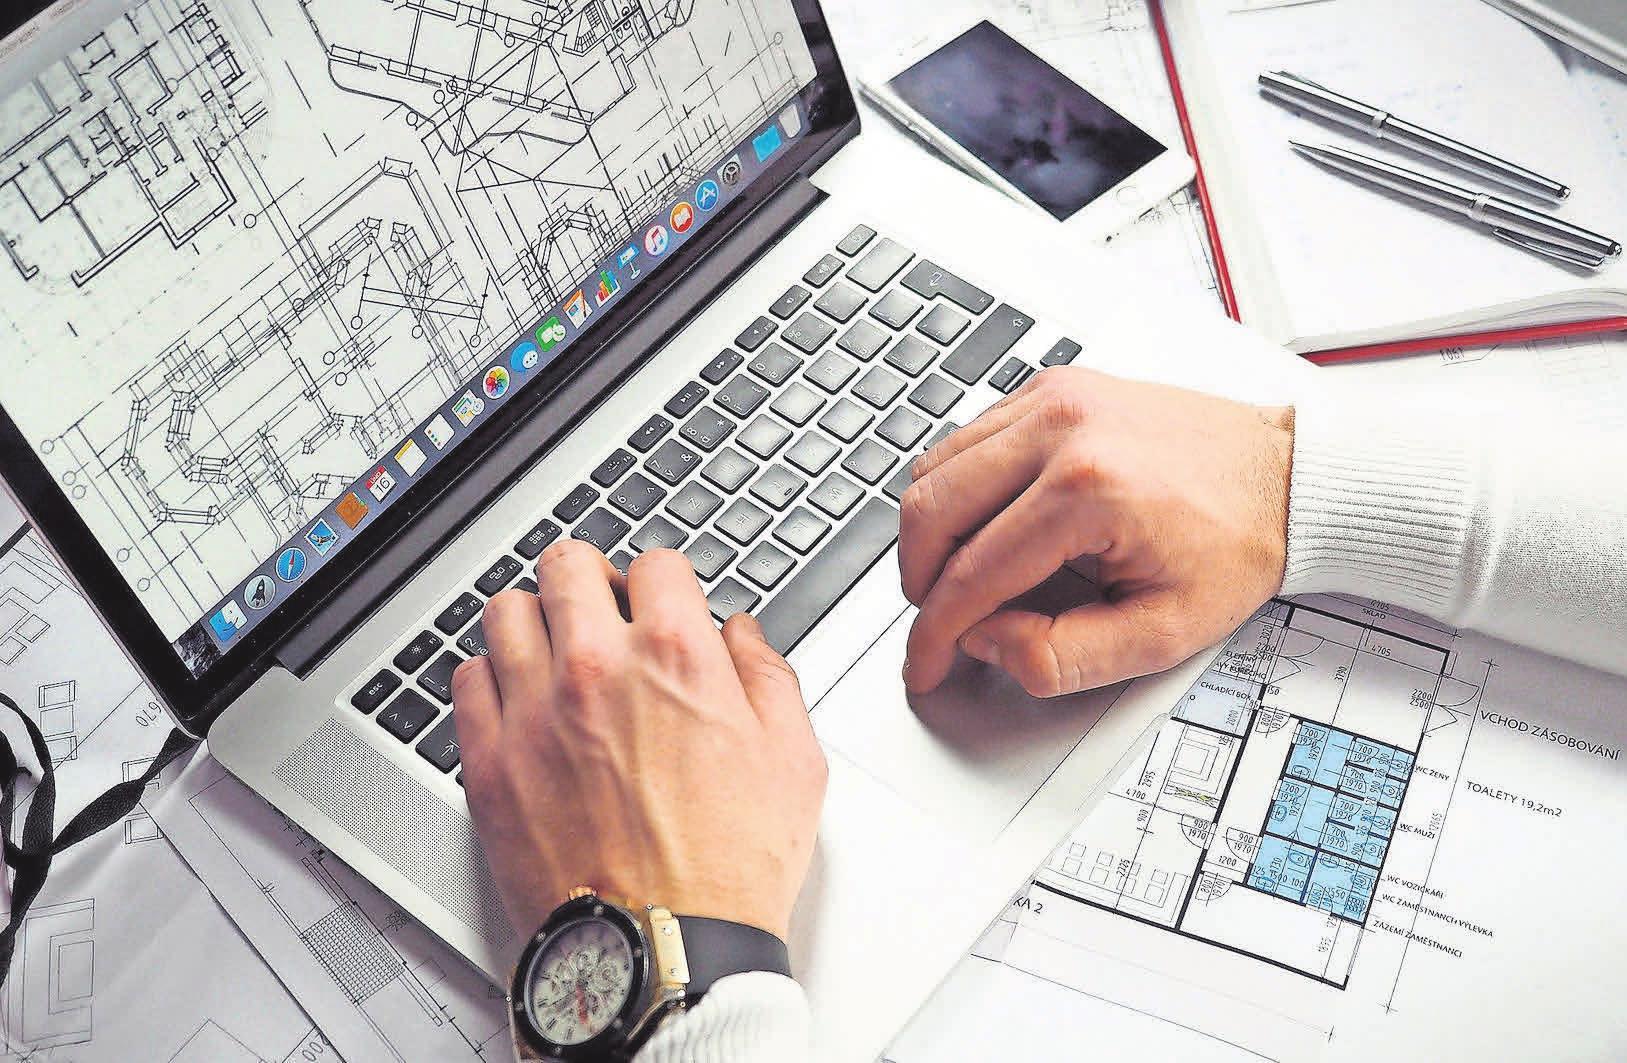 Der Keller, das Fundament eines Hauses, muss verantwortungsbewusst geplant werden.